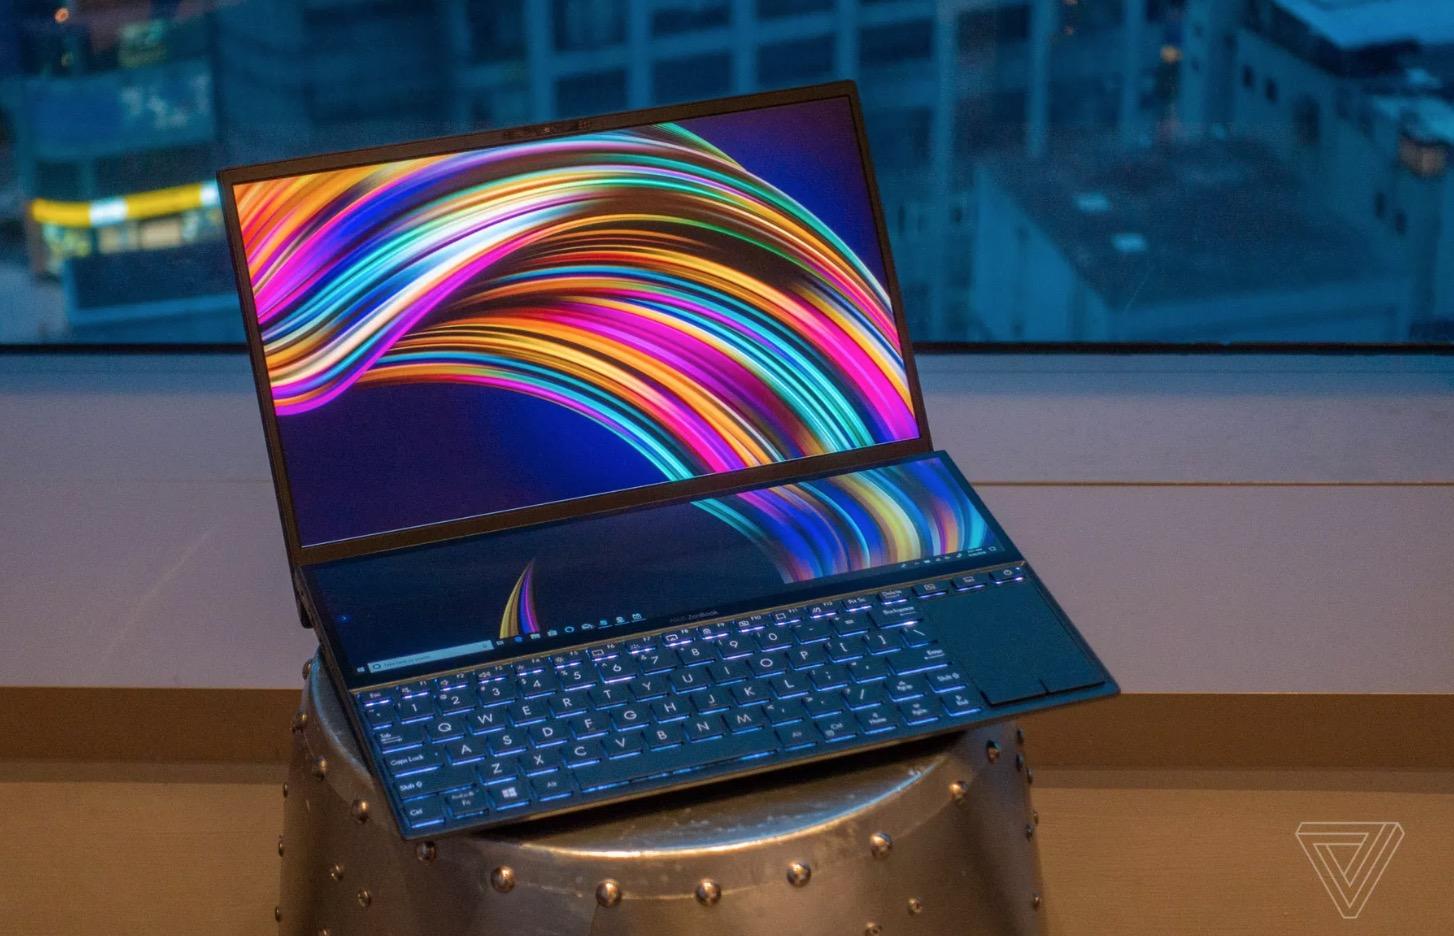 [Computex 2019] ASUS ra mắt laptop ZenBook Pro Duo siêu khủng với hai màn hình 4K, Intel Core i9, RTX 2060